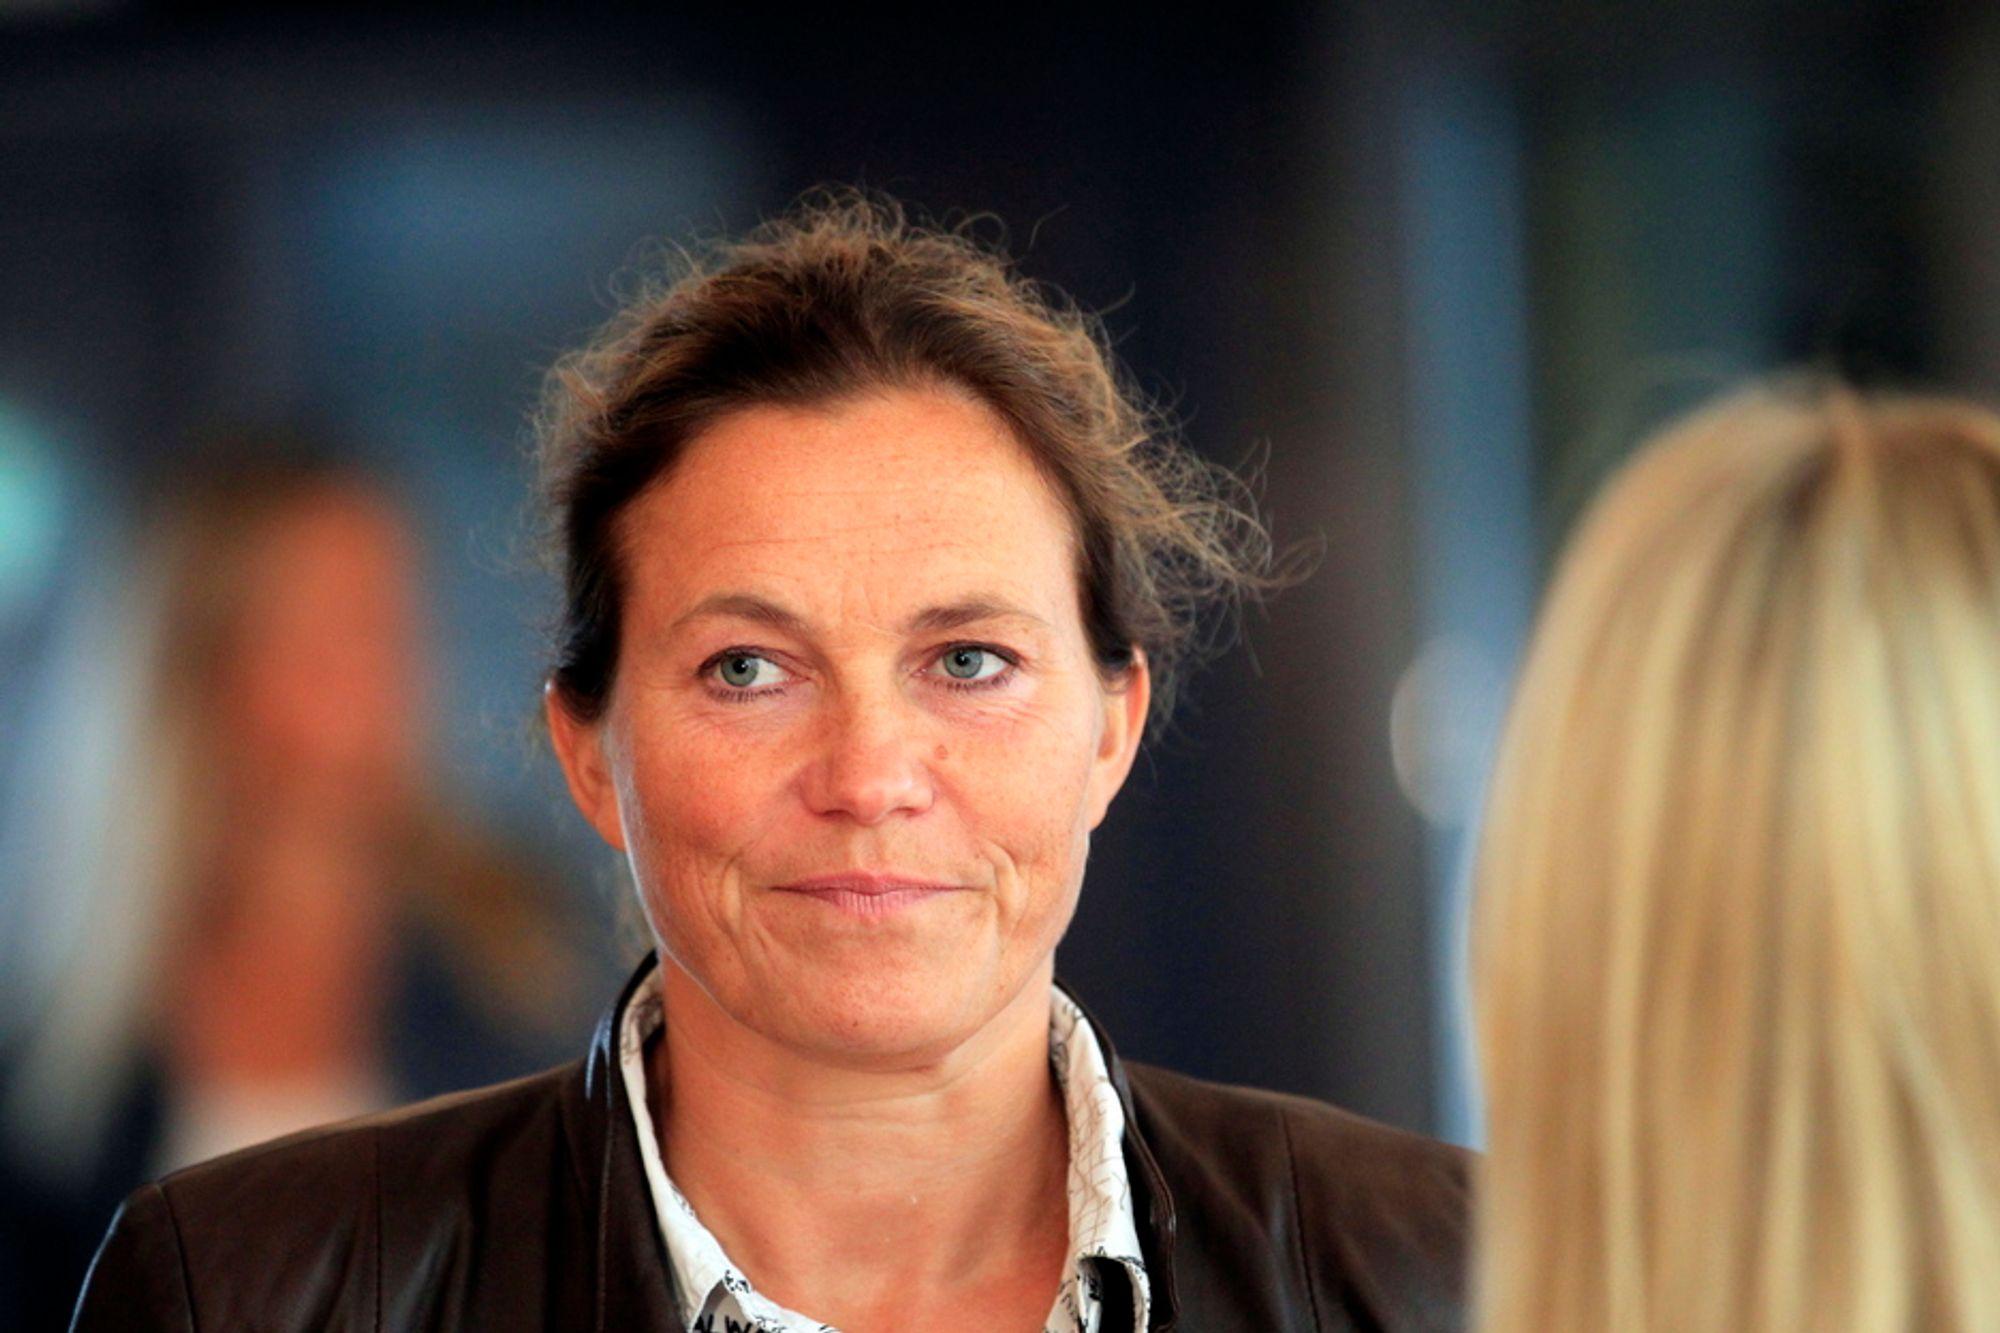 ÉN RAPPORT: 22. juli-kommisjonen, ved kommisjonsleder Alexandra Bech Gjørv, har gått bort fra tankene om å utgi delrapporter.